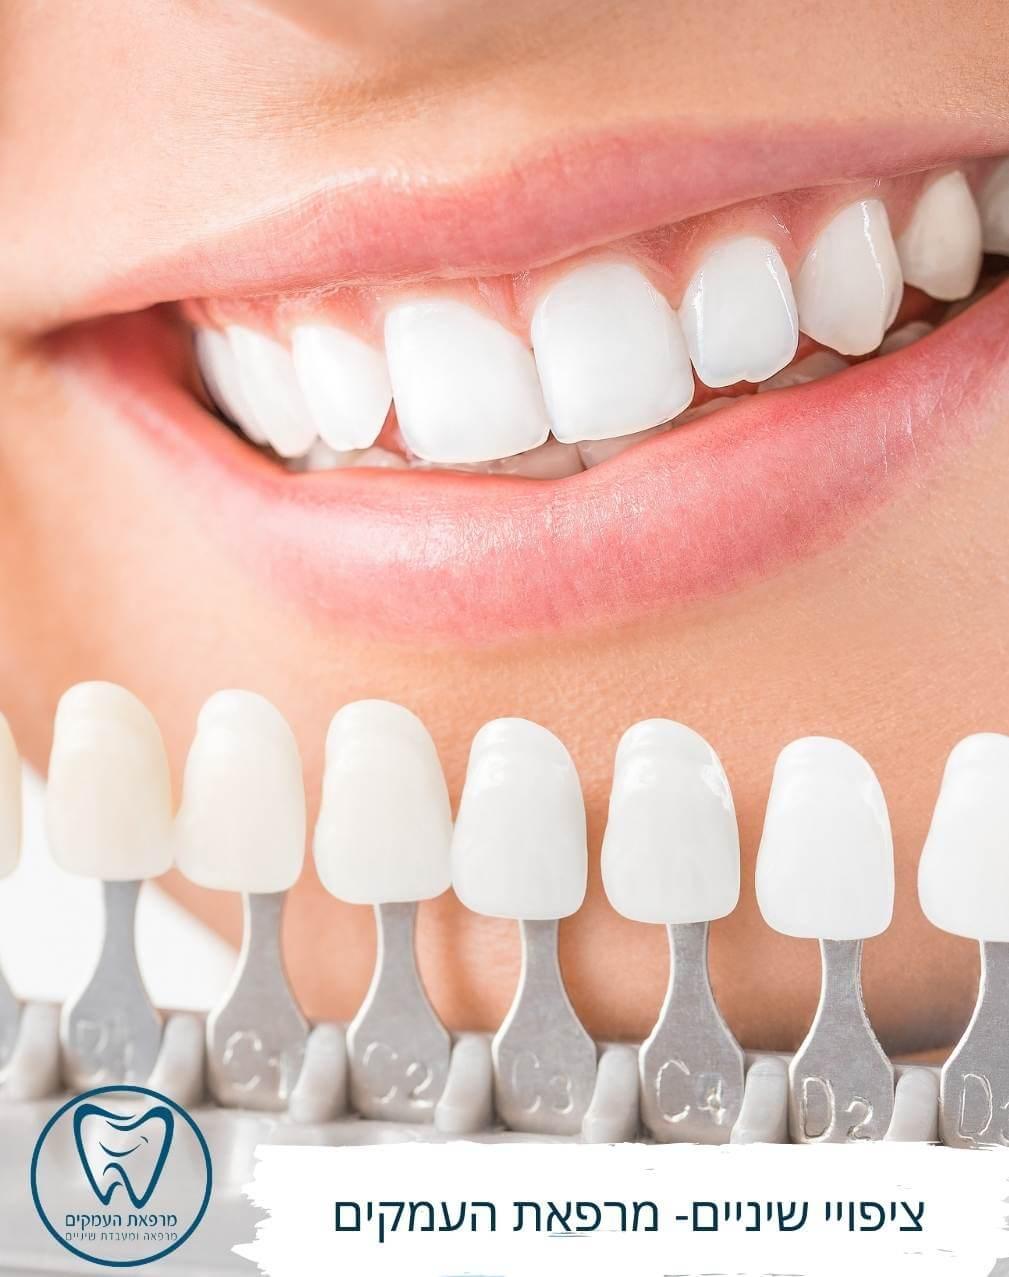 ציפויי שיניים במרפאת העמקים עפולה